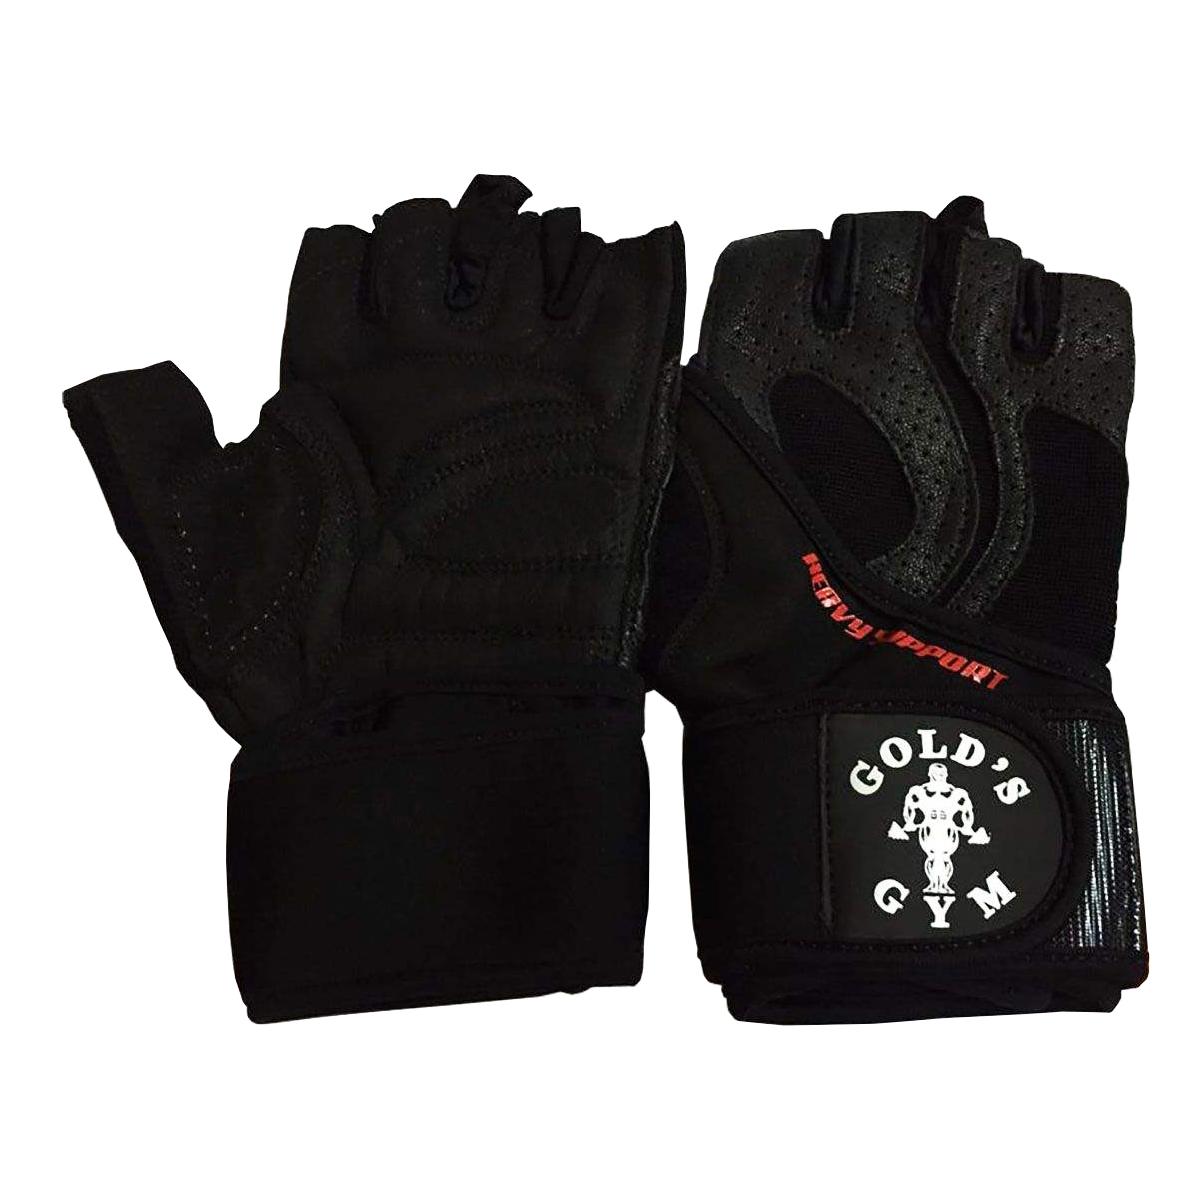 دستکش بدنسازی مردانه گلدز جیم مدل GL670